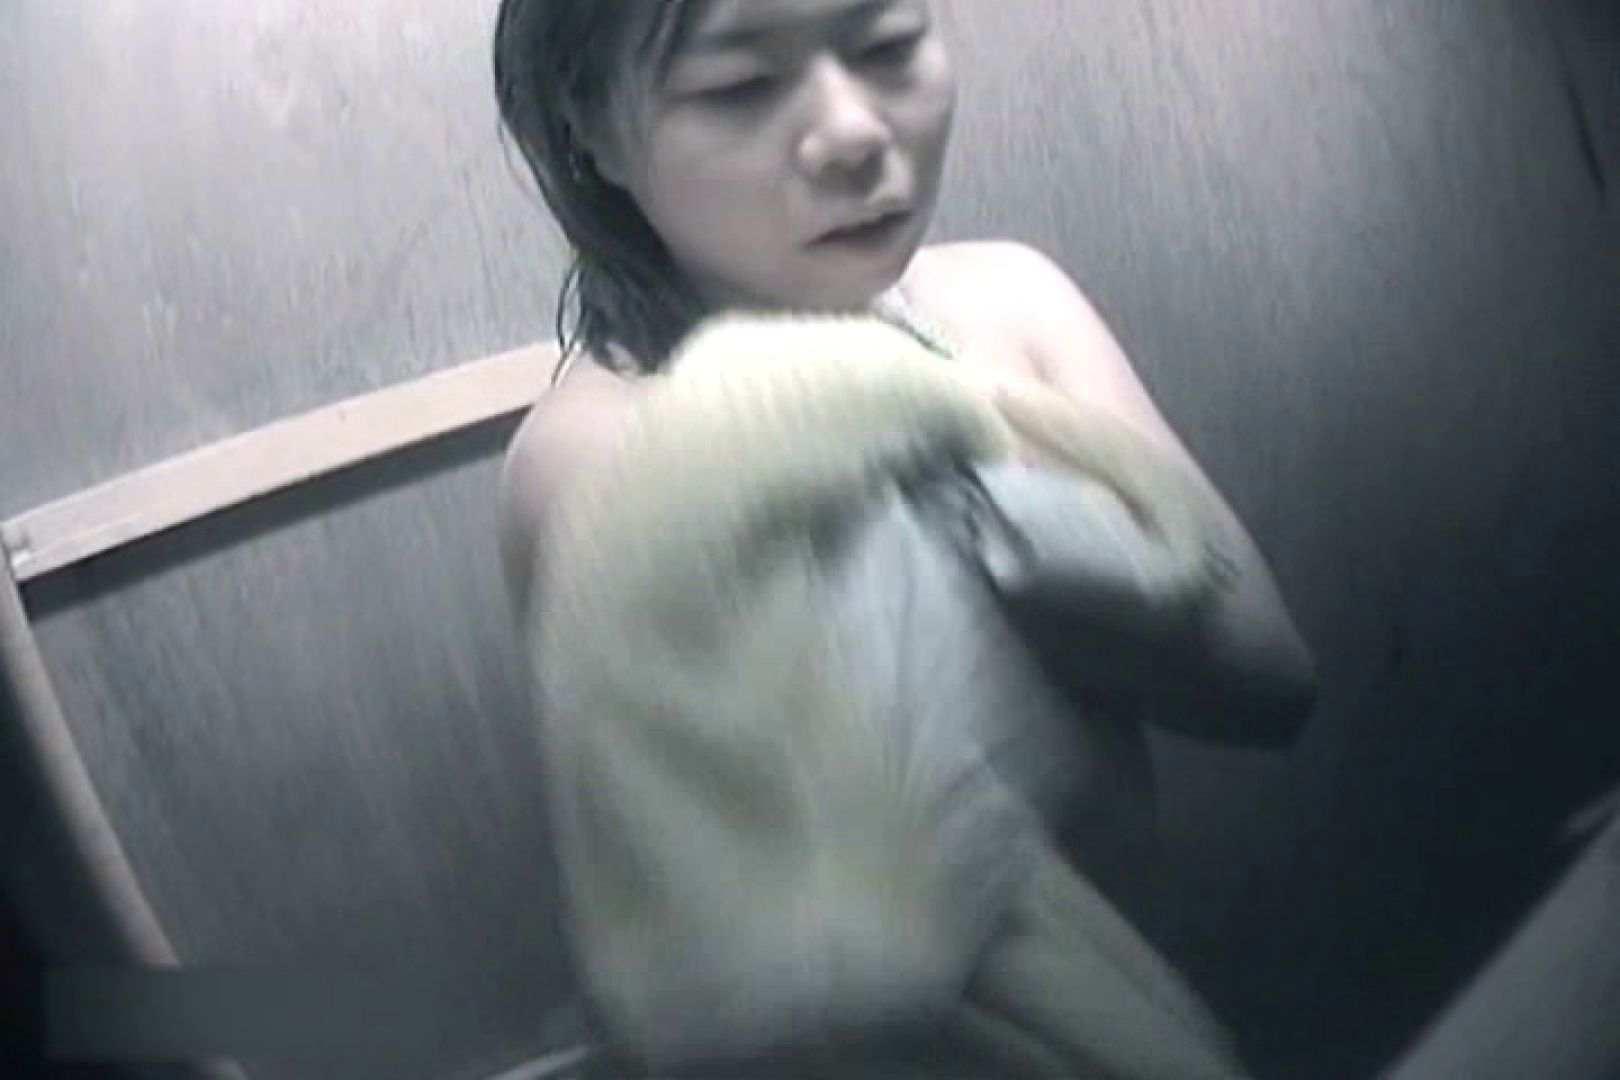 夏海シャワー室!ベトベトお肌をサラサラに!VOL.11 シャワー ヌード画像 53画像 5